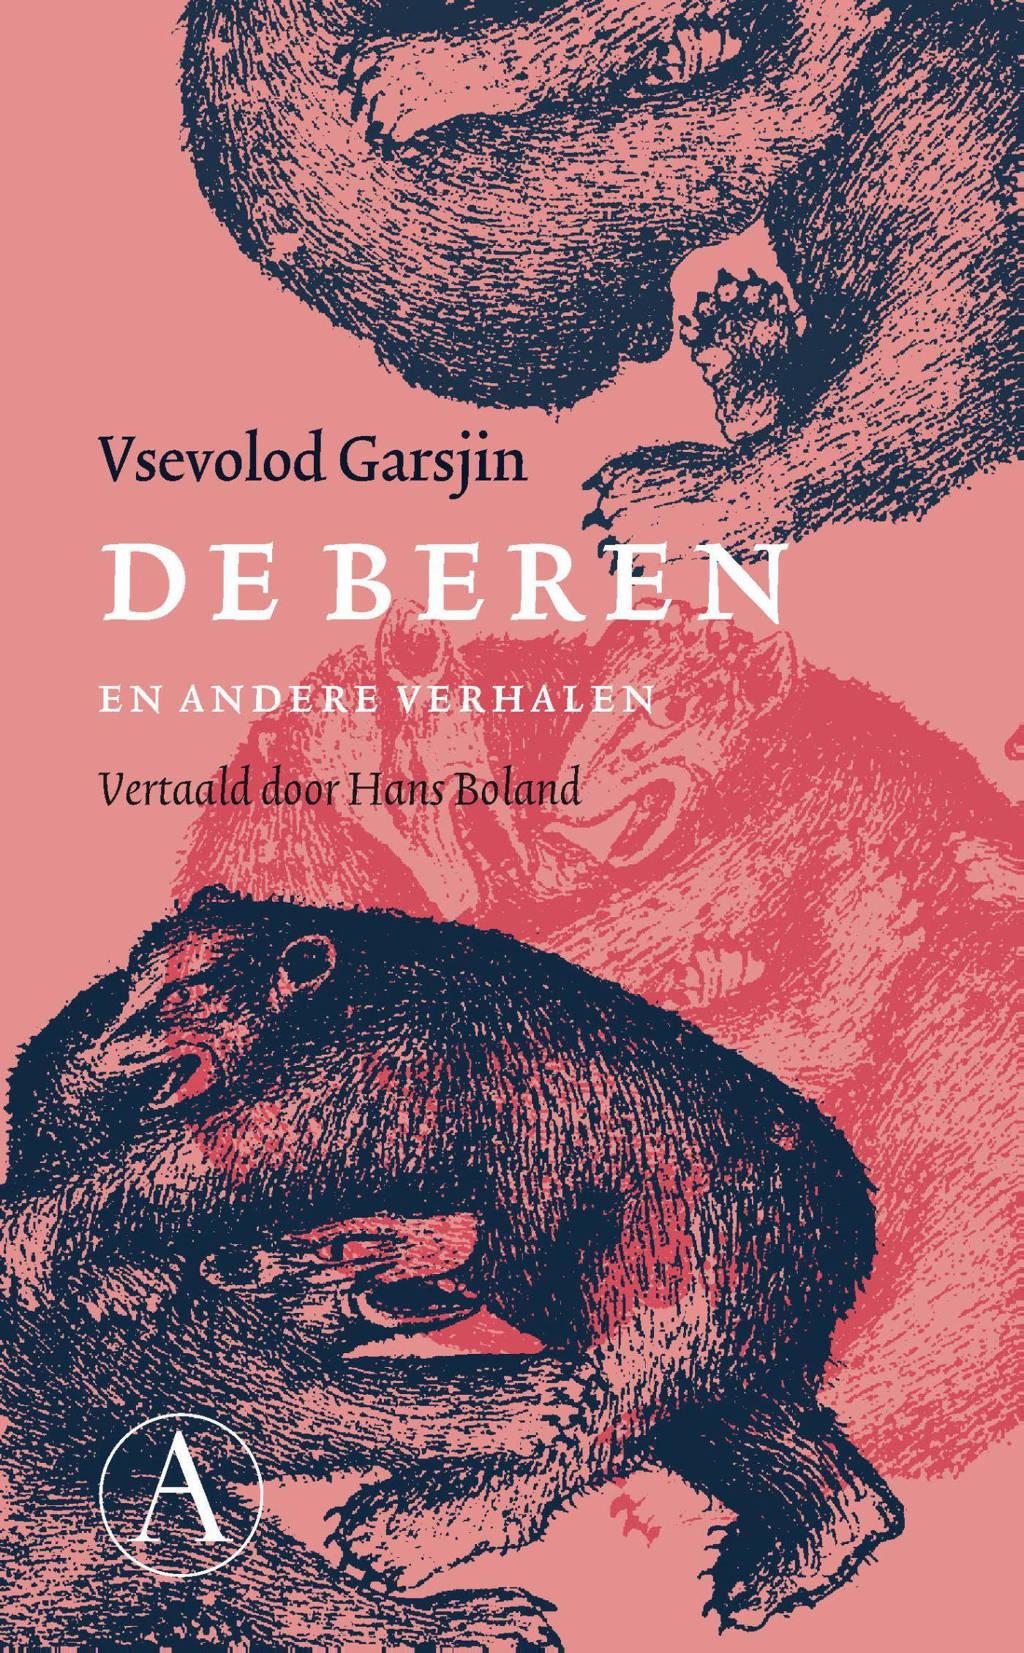 De beren en andere verhalen - Vsevolod Garsjin